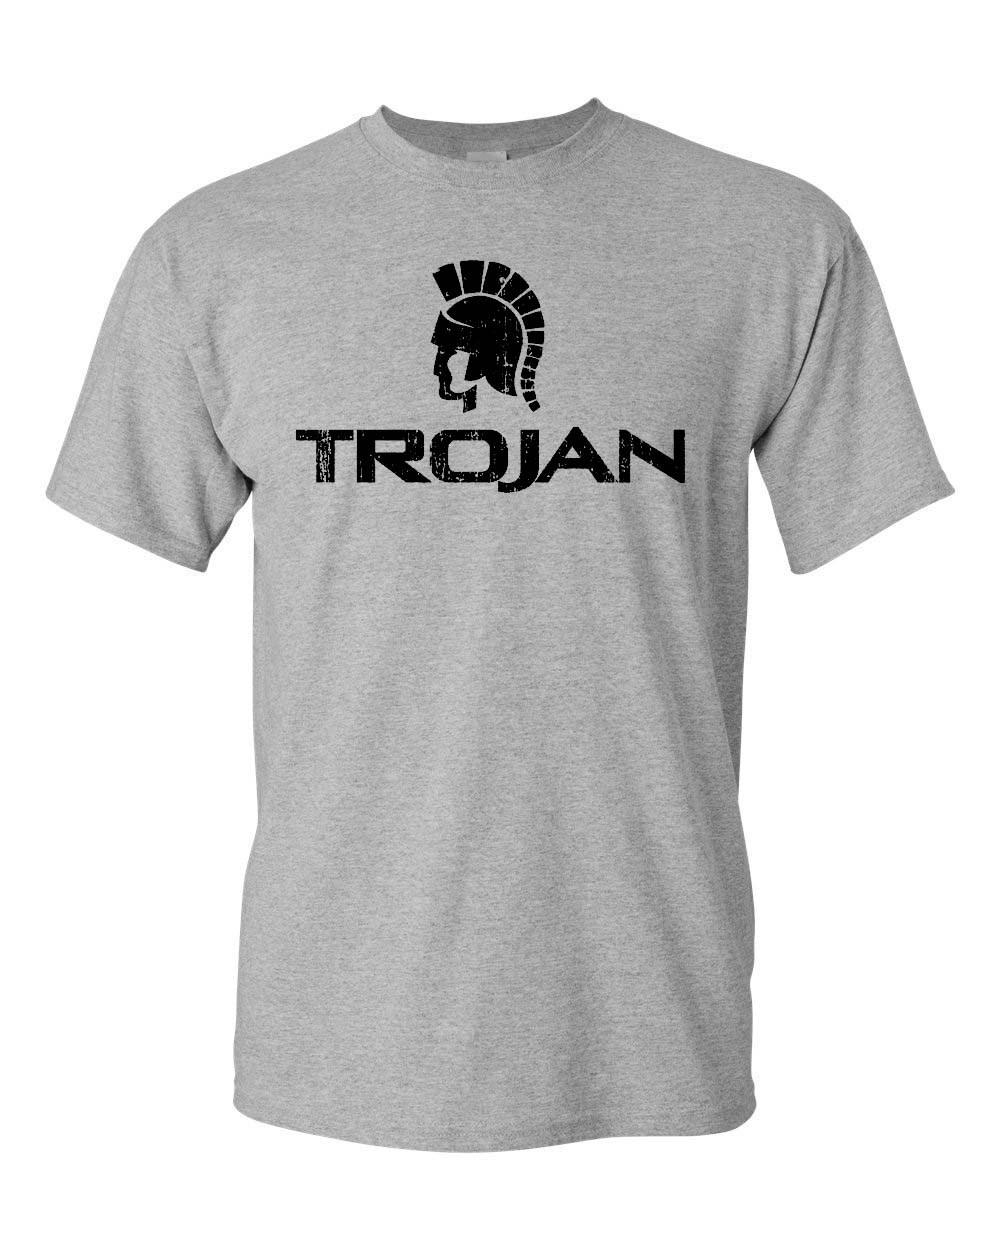 Trojan Condom T Shirt Free Shipping Retro Vintage Style